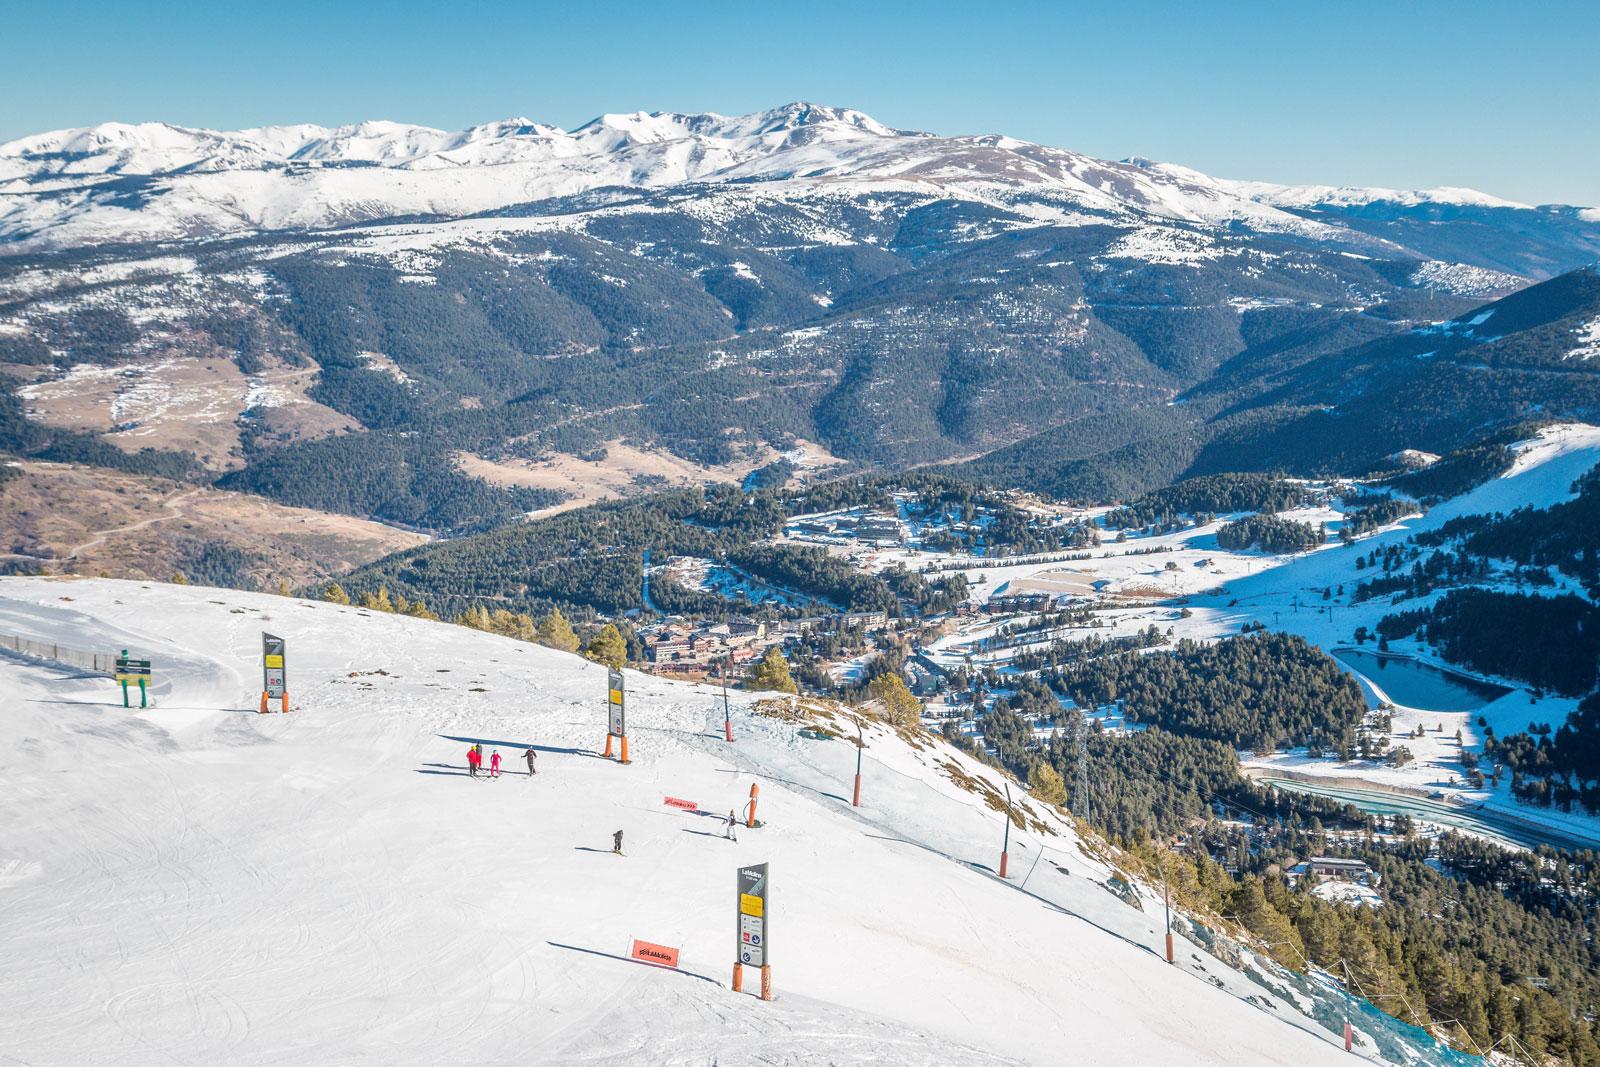 Ski Gebiete in der Nähe von Barcelona